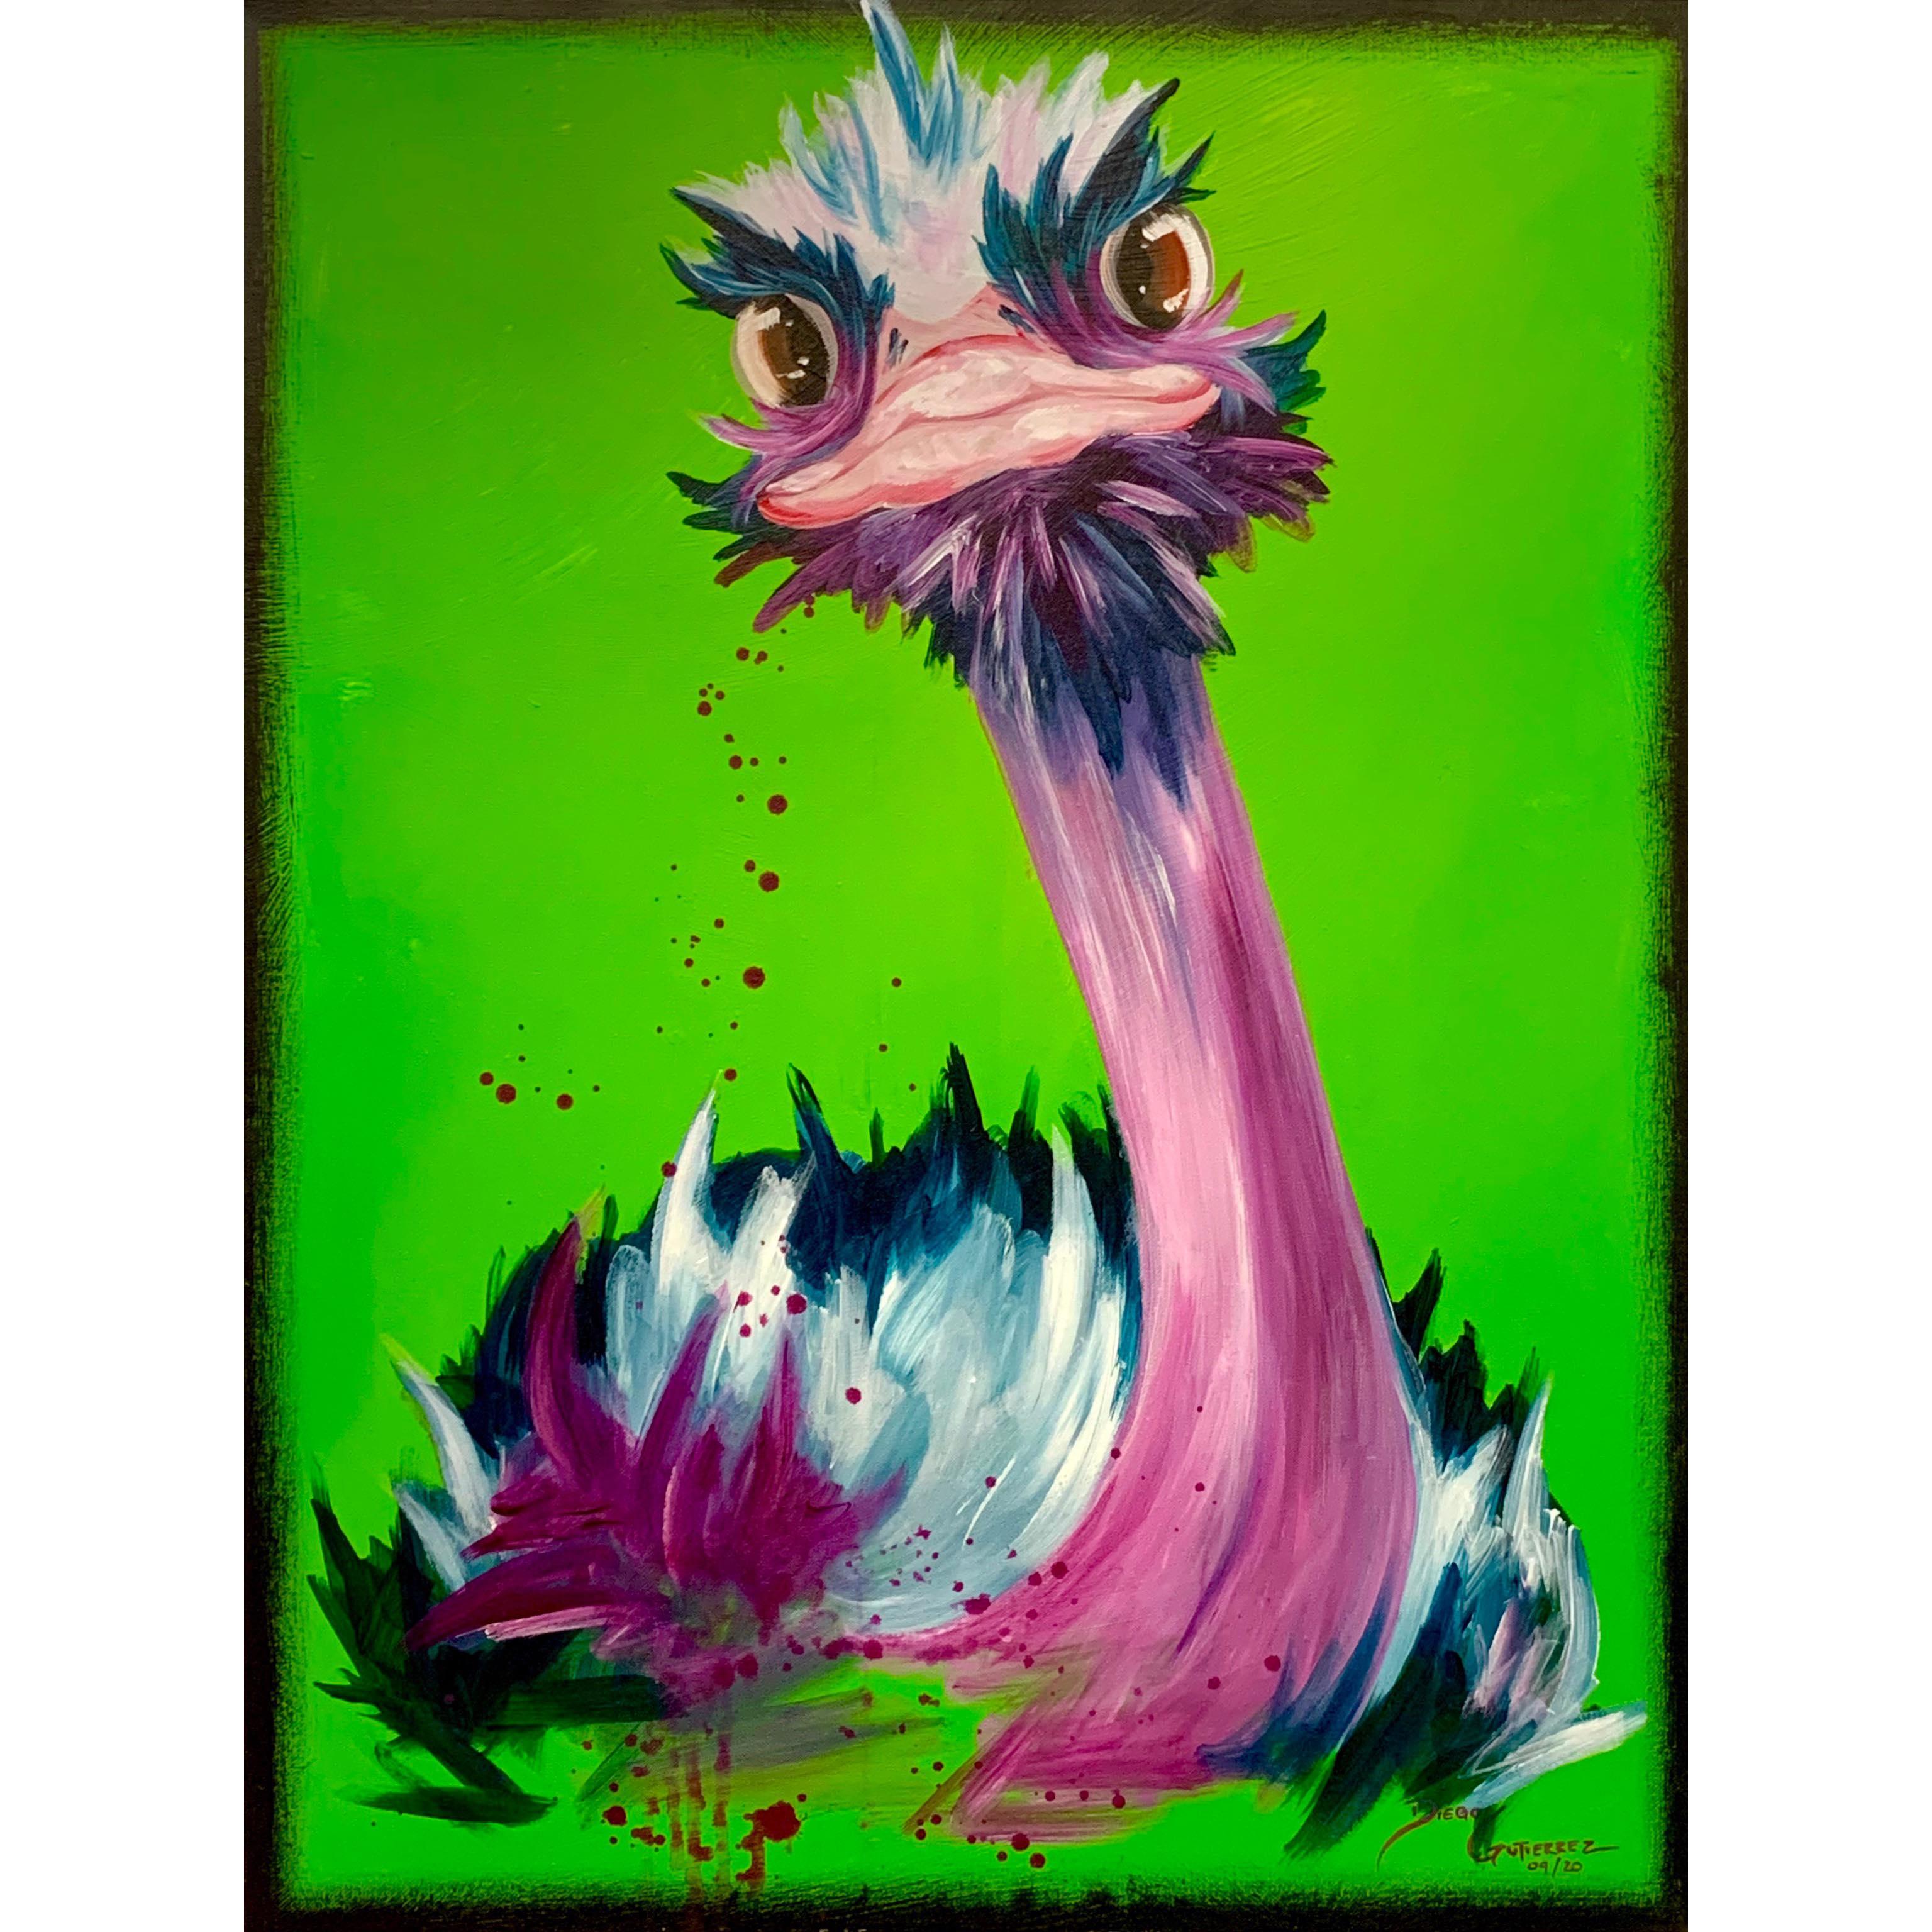 diego-gutierrez-gallery-animals-ostrich-02